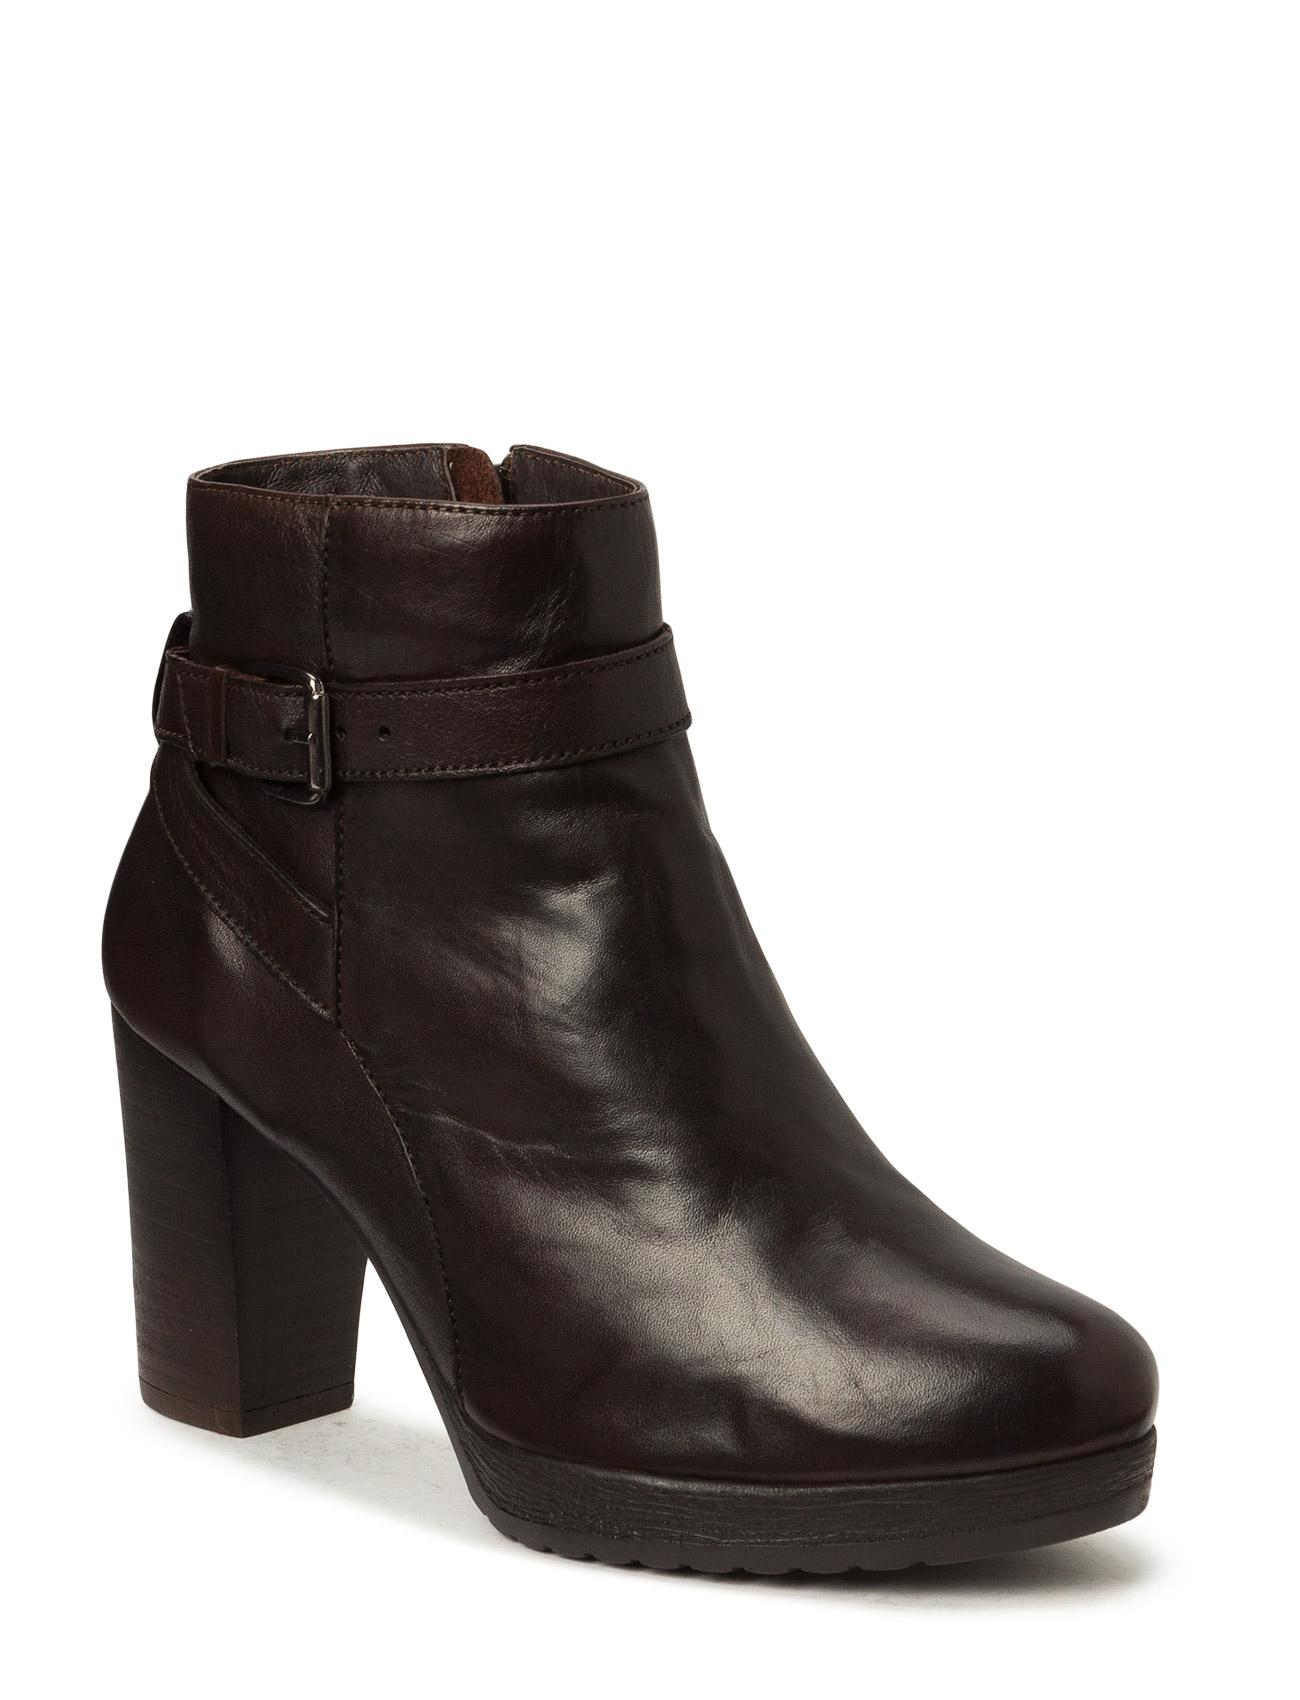 Dress Boot W/Buckle Son15 Bianco Støvler til Kvinder i